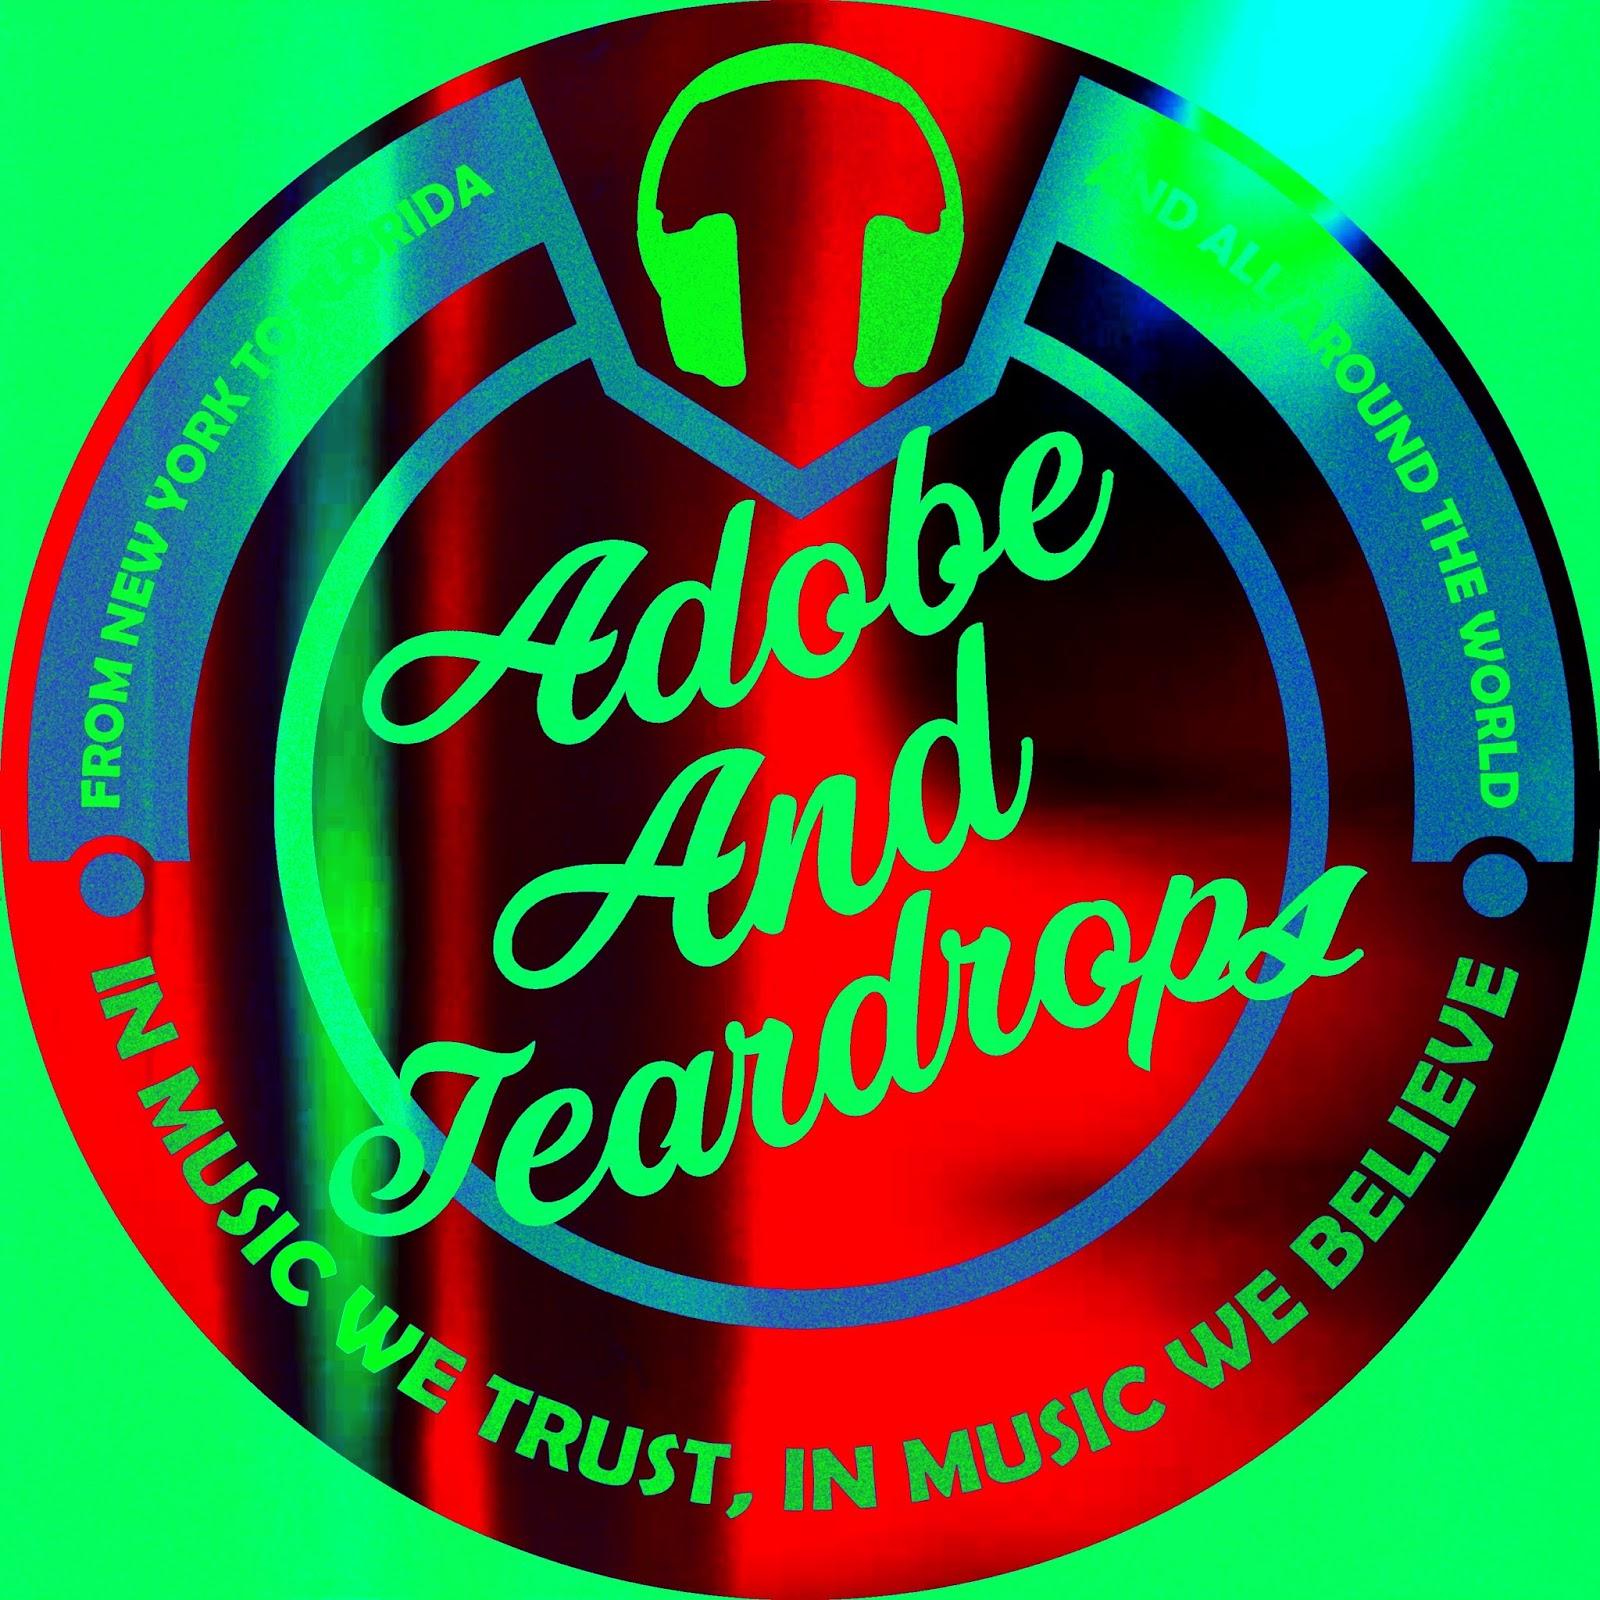 Adobe and Teardrops: Adobe & Teardrops: Episode 49